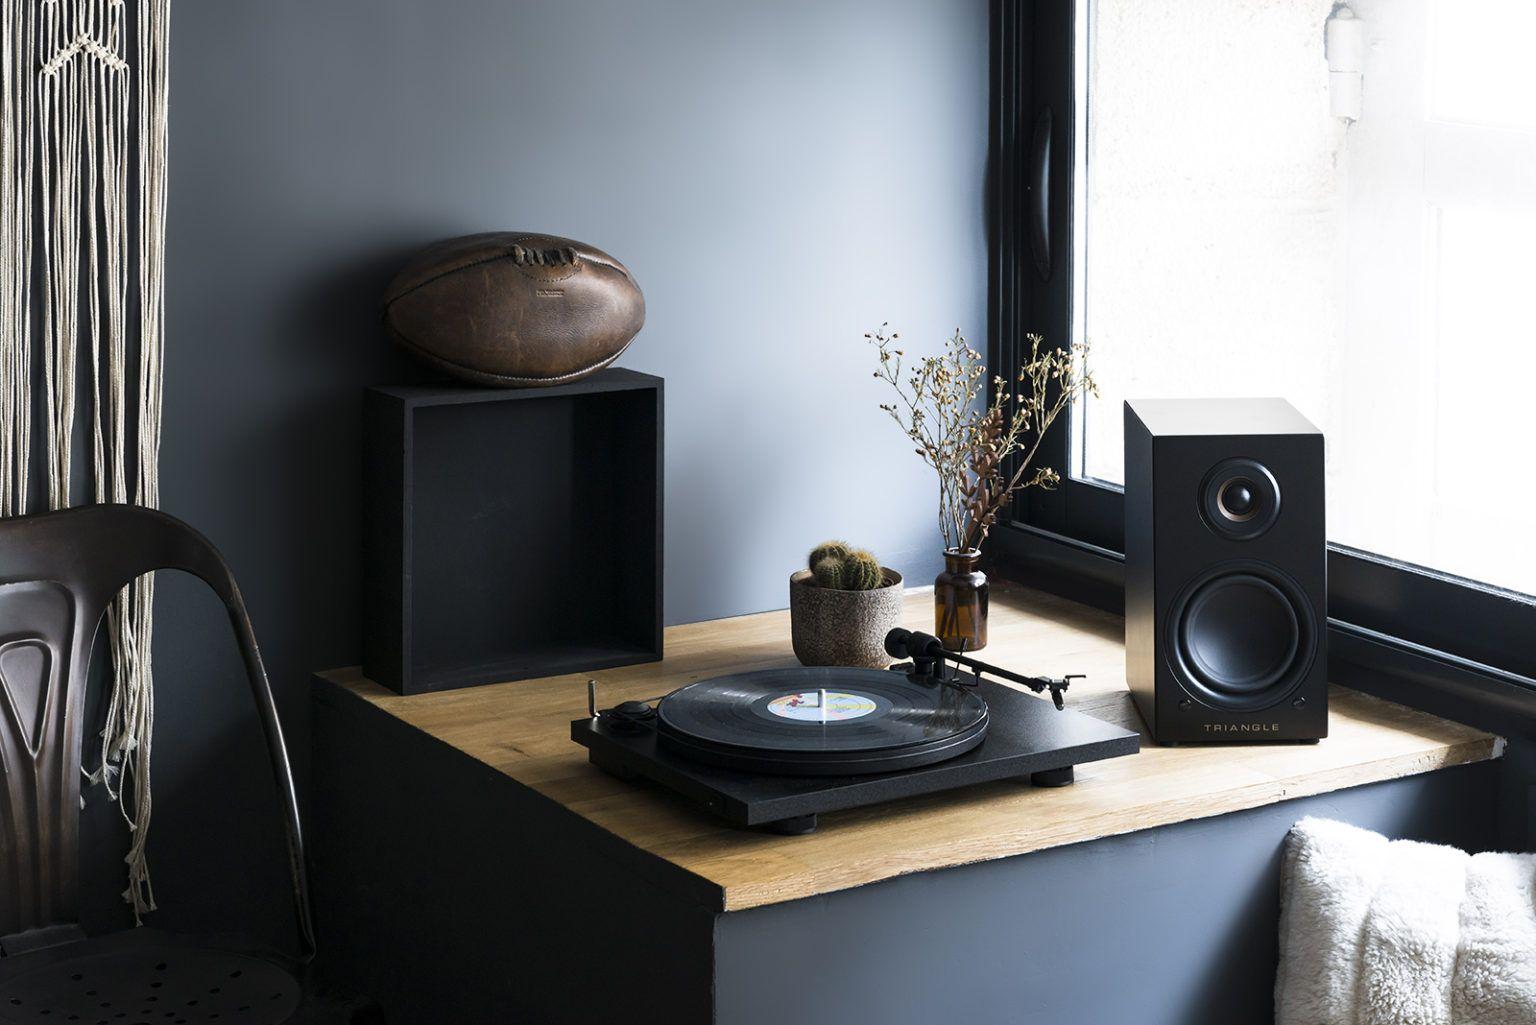 enceinte connectée hifi bibliothèque platine vinyle triangle active series ln01A noir lifestyle 02